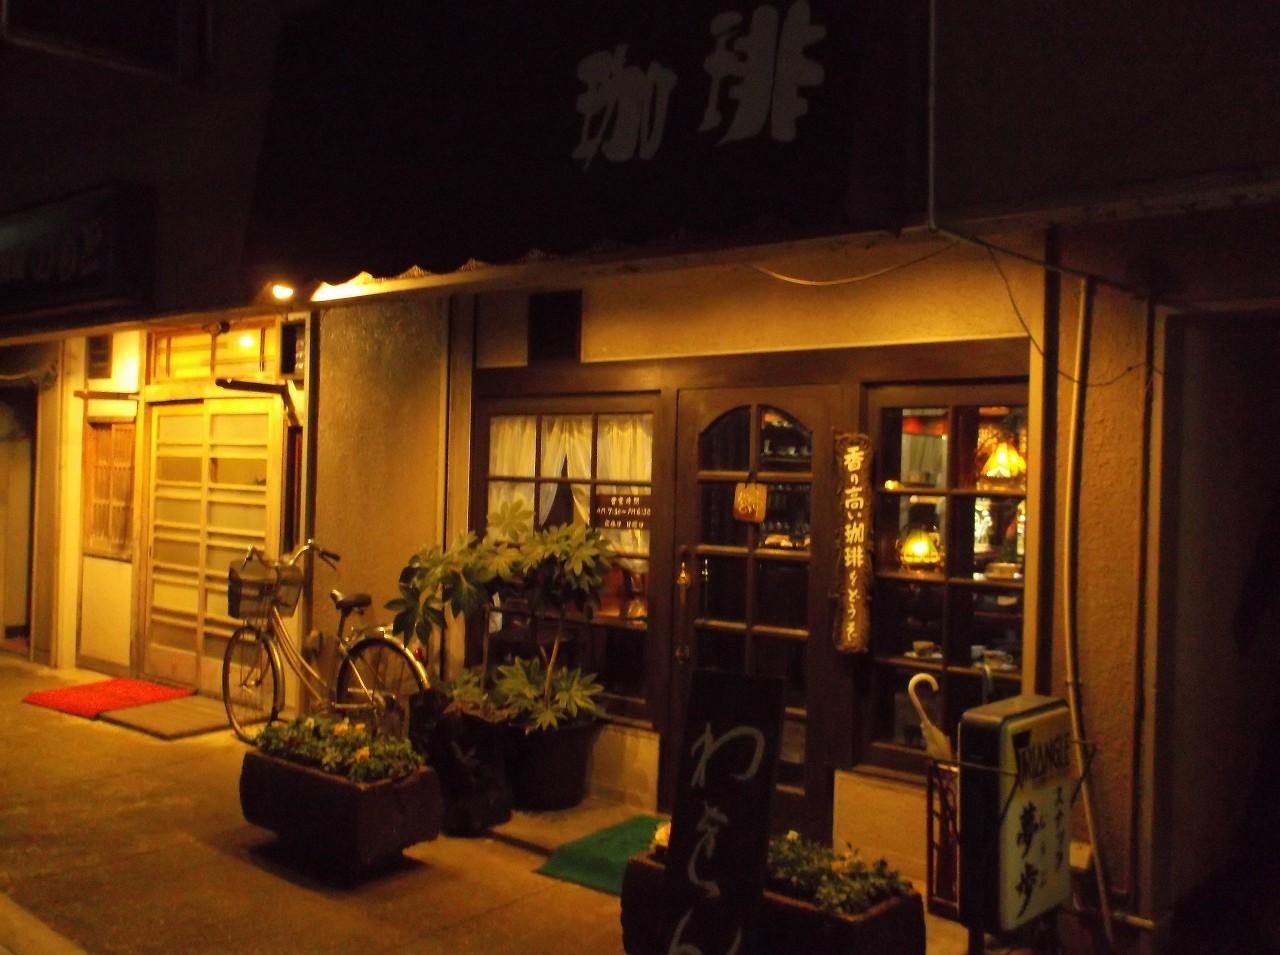 いまや埼玉の誇る名物料理であり北本市民のソウルフード 埼玉ブルース第二十八回